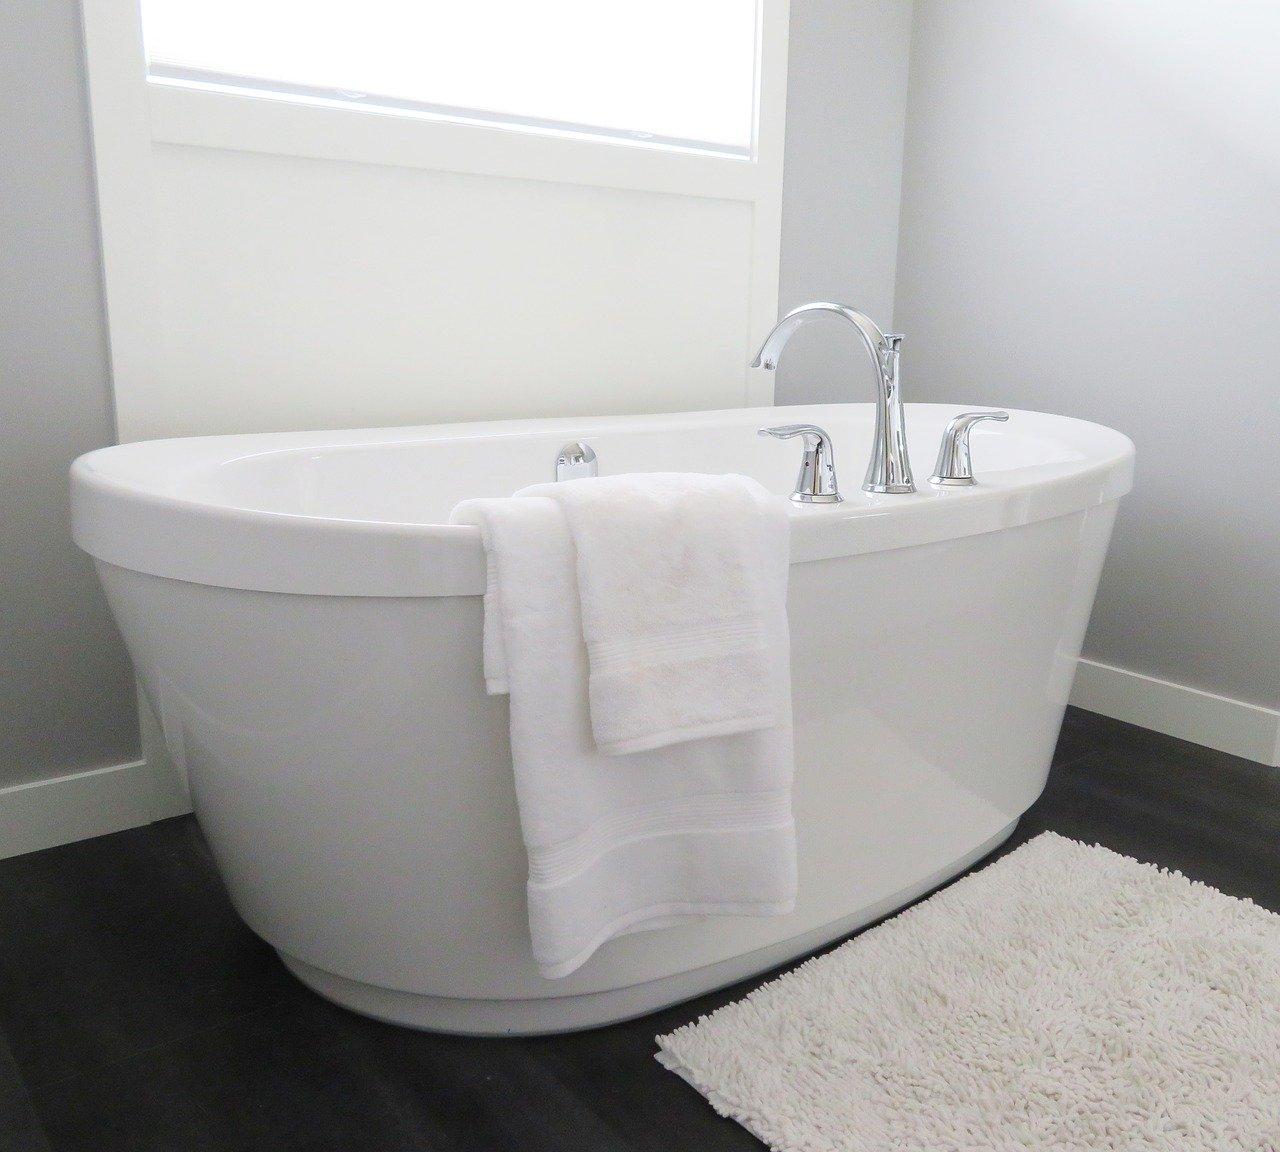 ●ズボラ流~浴室カビ対策と天井の掃除&●●の掃除